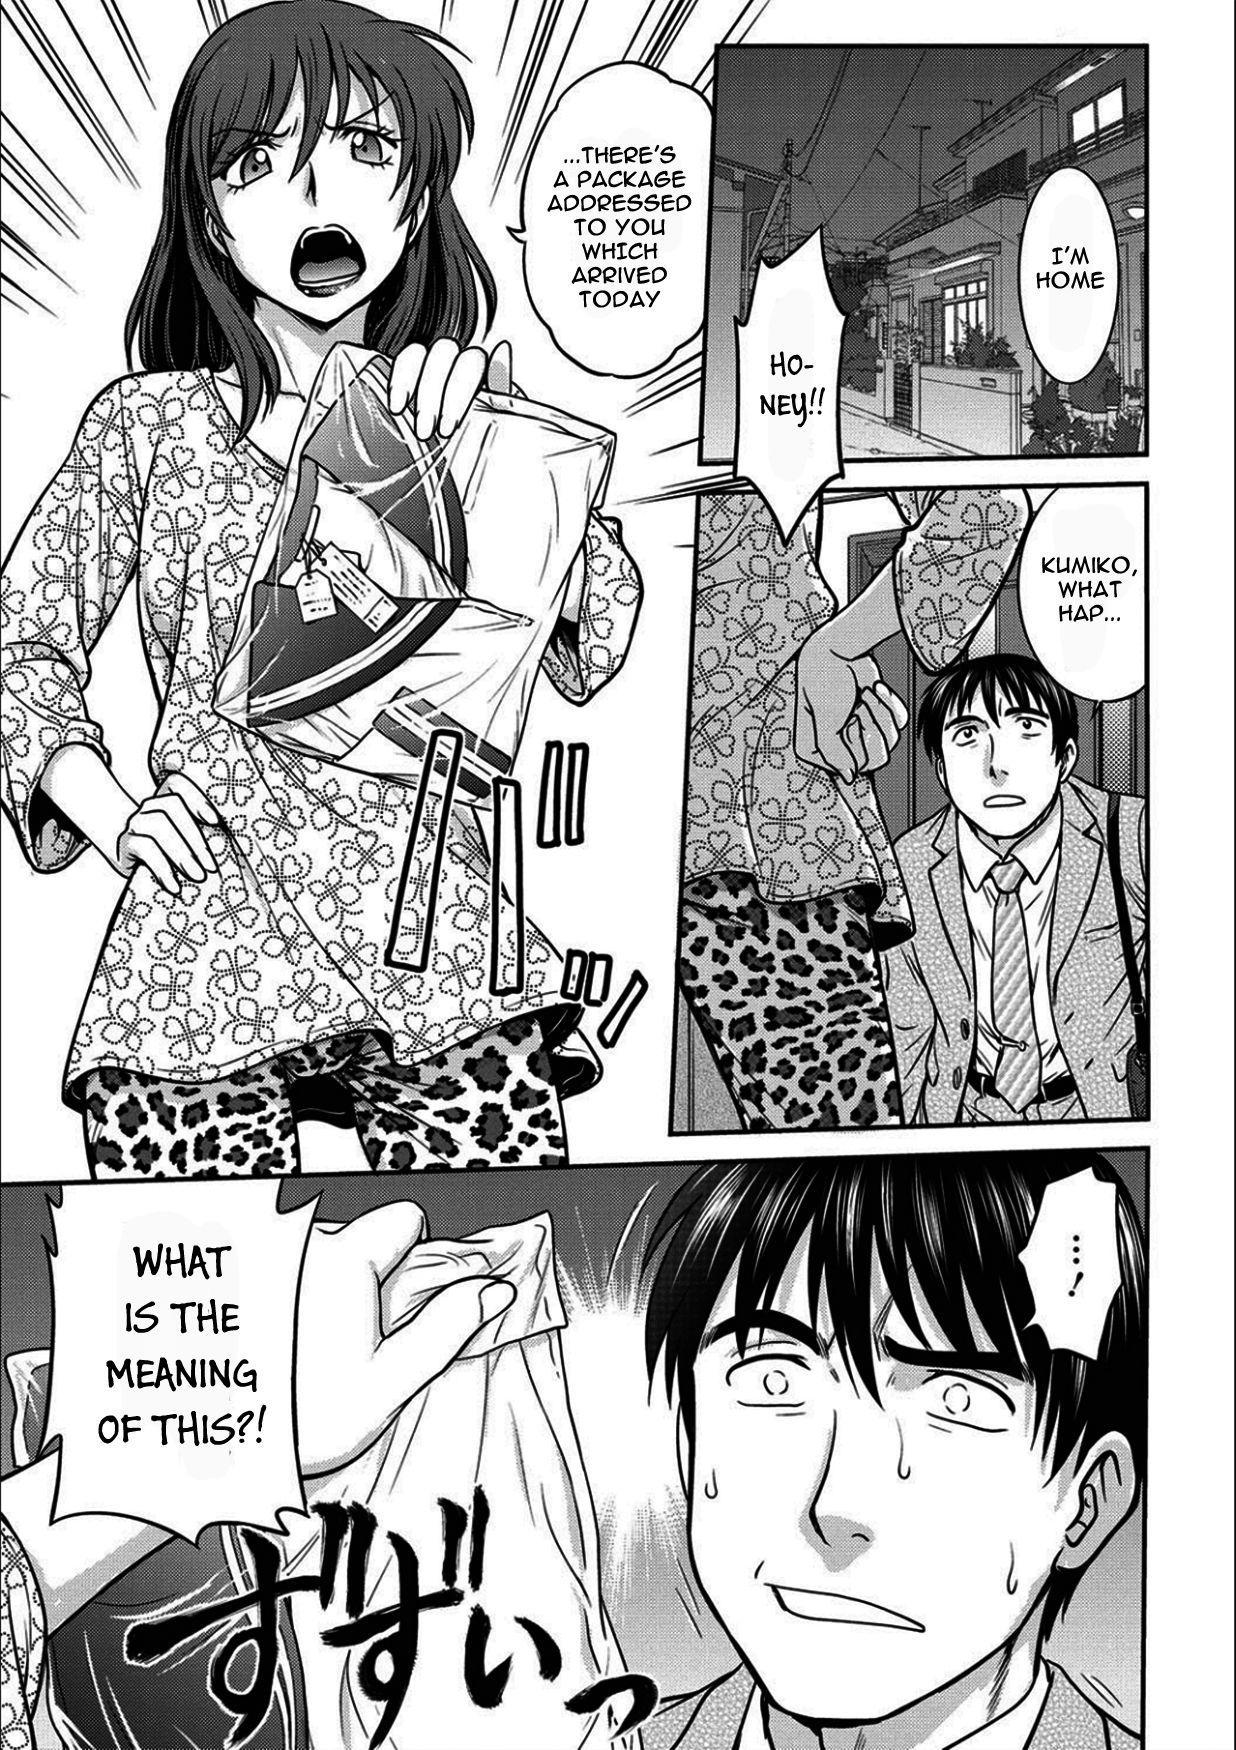 Otto ga Totsuzen Seiheki wo Kokuhaku Shite Kita ndesu ga... | My Hubby Suddenly Told Me His Fetish... 0